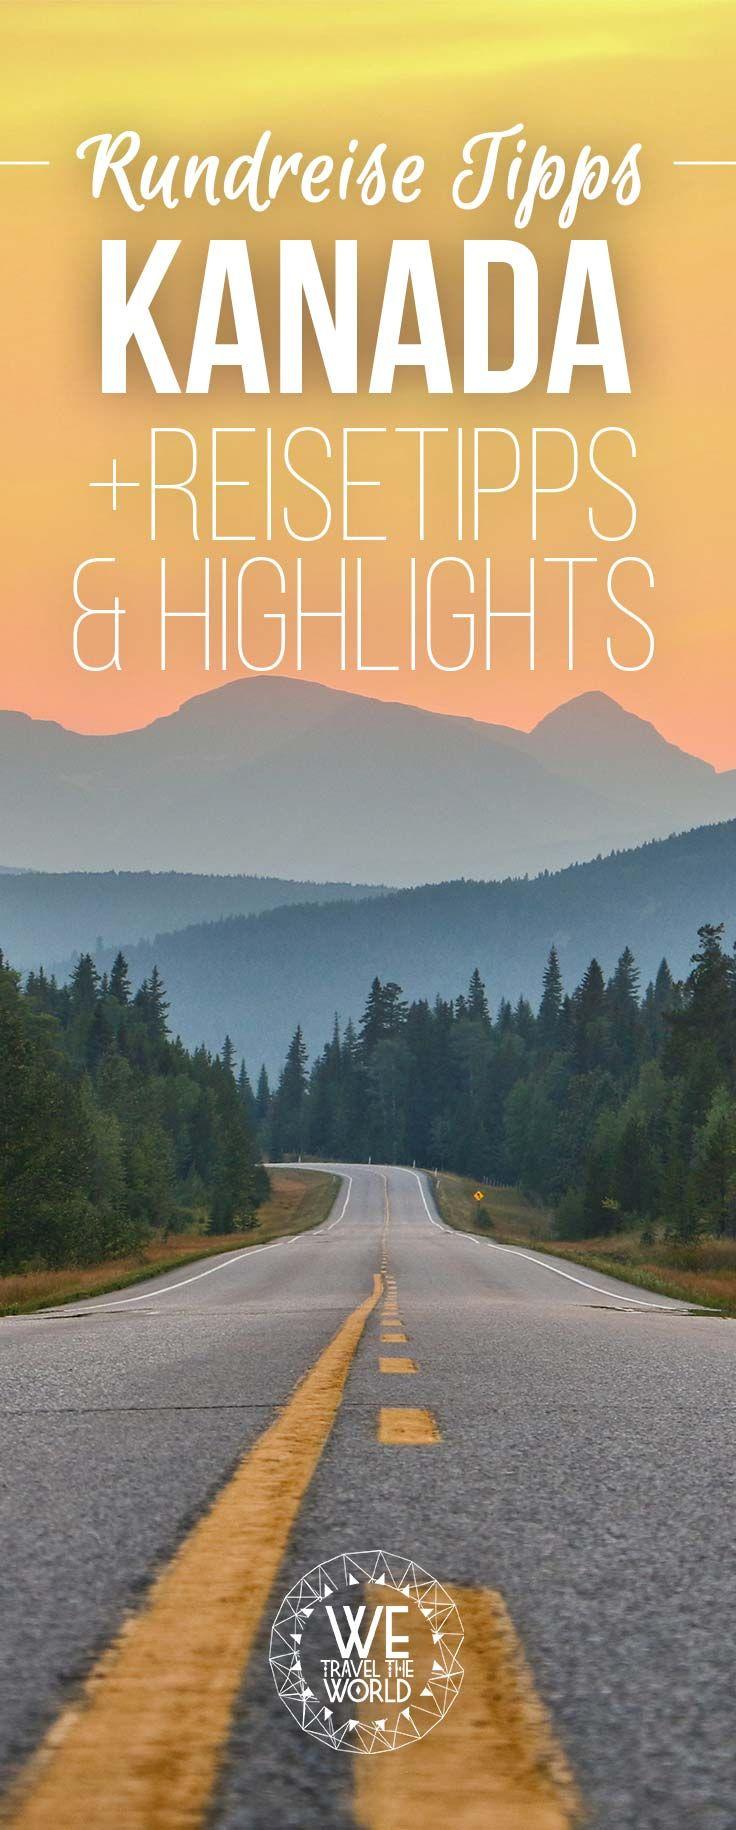 Road Trip Kanada Routen: 6 Blogger verraten dir die bestenKanada Routen, Rundreise Tipps, Sehenswürdigkeiten, Routen undHighlights für Westen und Osten. #kanadareise #kanada #roadtrip #urlaub #inspiration